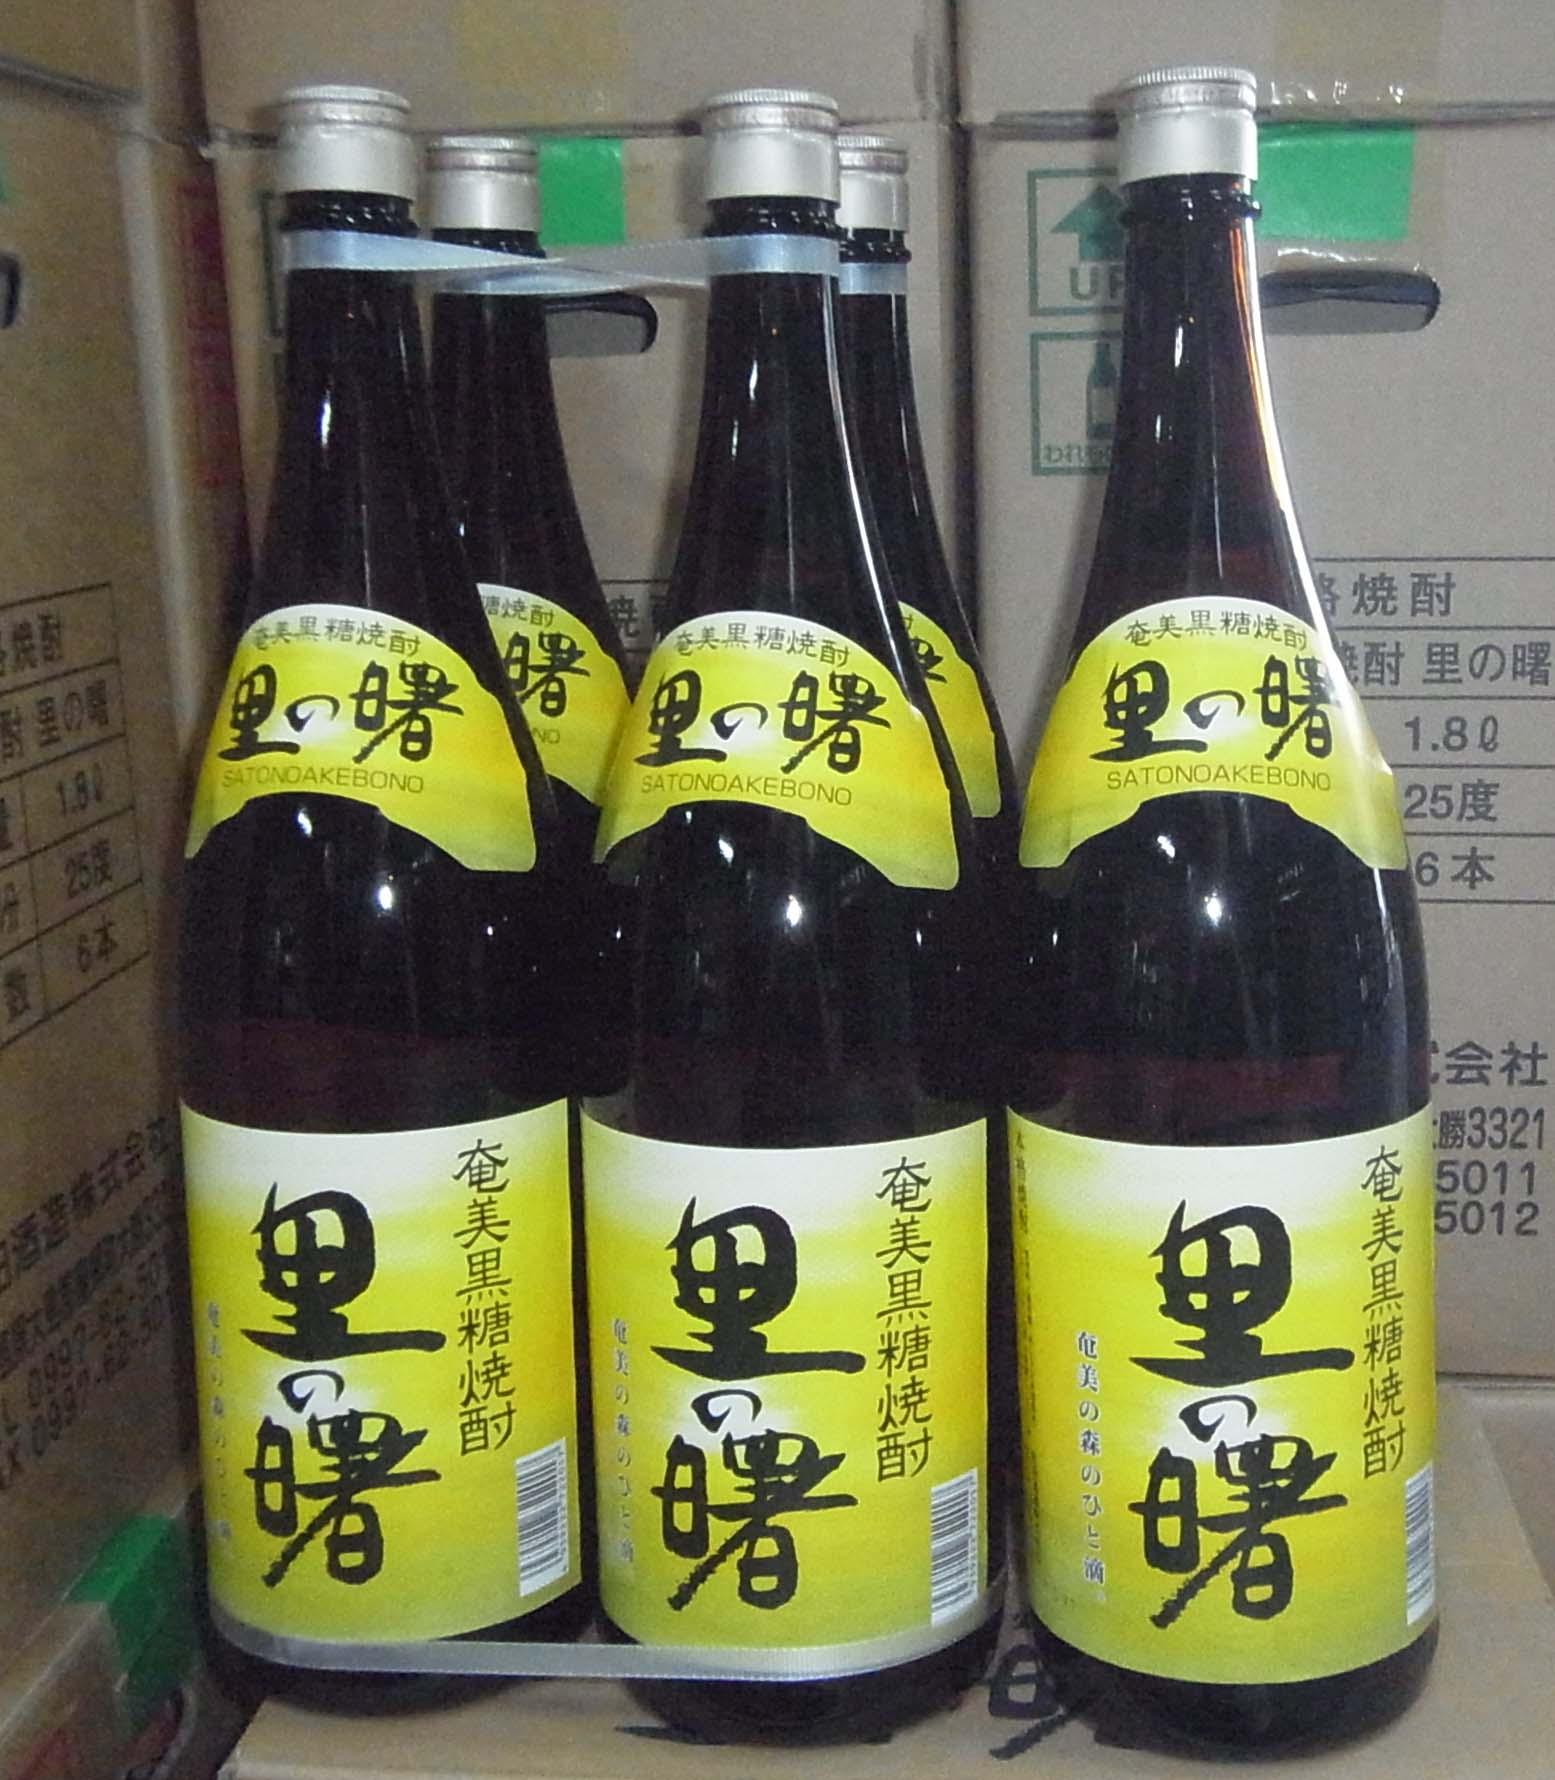 里の曙レギュラー25度1800ml瓶(6本セット)送料込み!